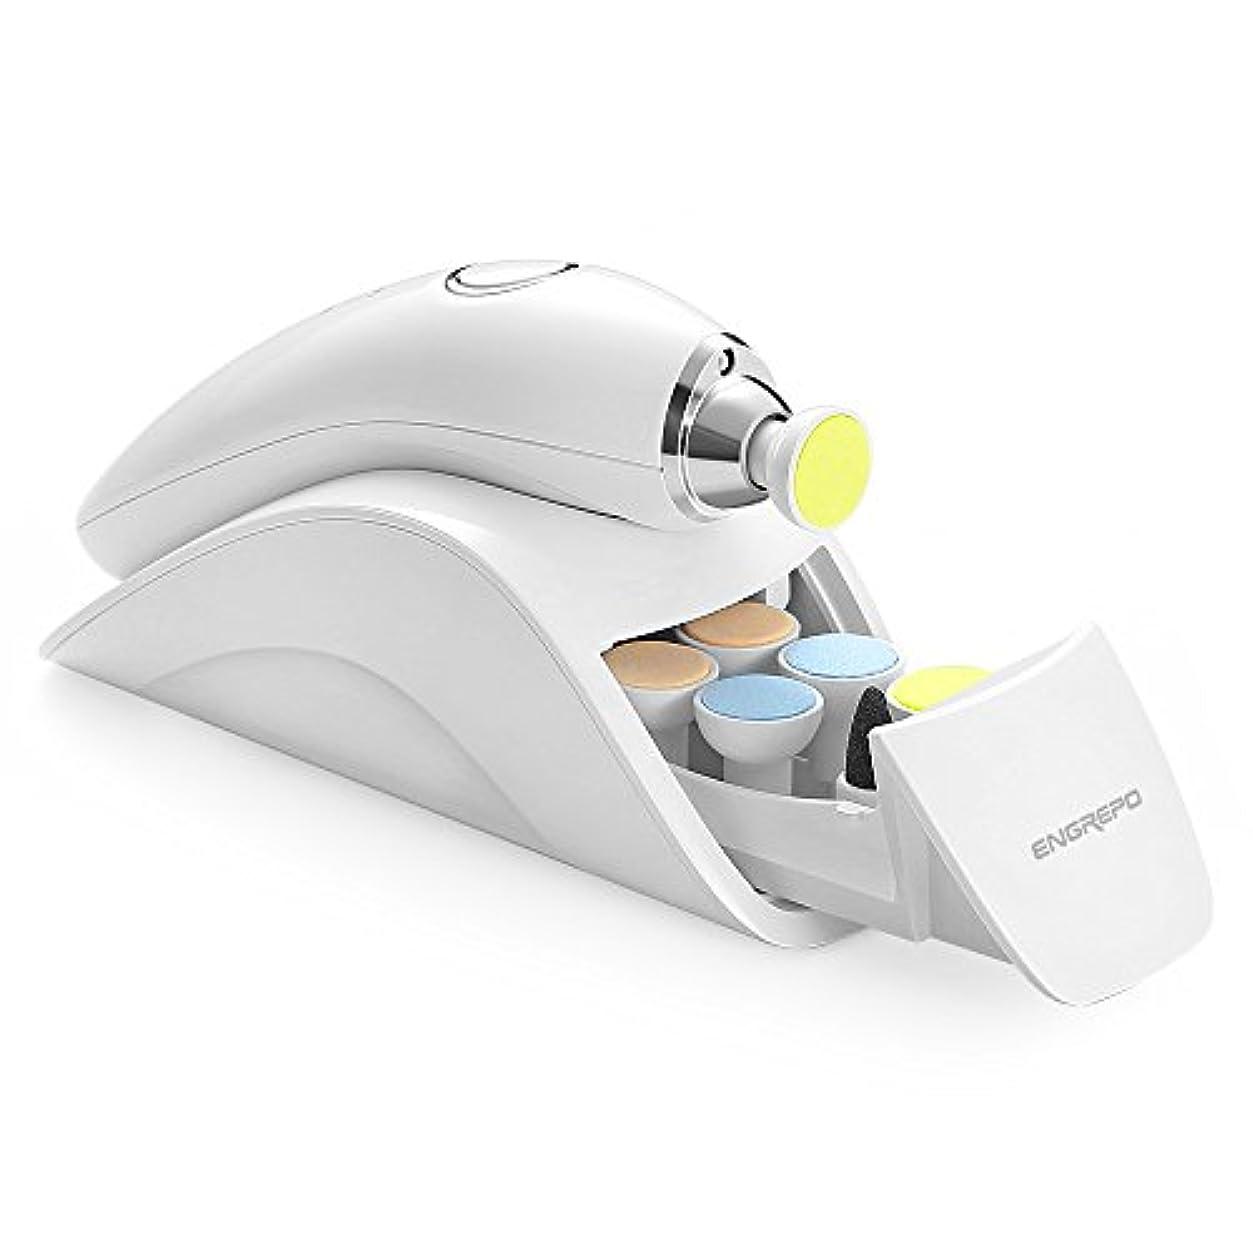 ちっちゃい能力吸収ENGREPO ベビーレーベル ネイルケアセット レーベル ホワイト(新生児~対象) ママにも使えるネイルケア(4種類の磨きヘッド、超低デシベル、3速ギア、LEDフィルインライト)円弧充電ベース隠し収納ボックス付き